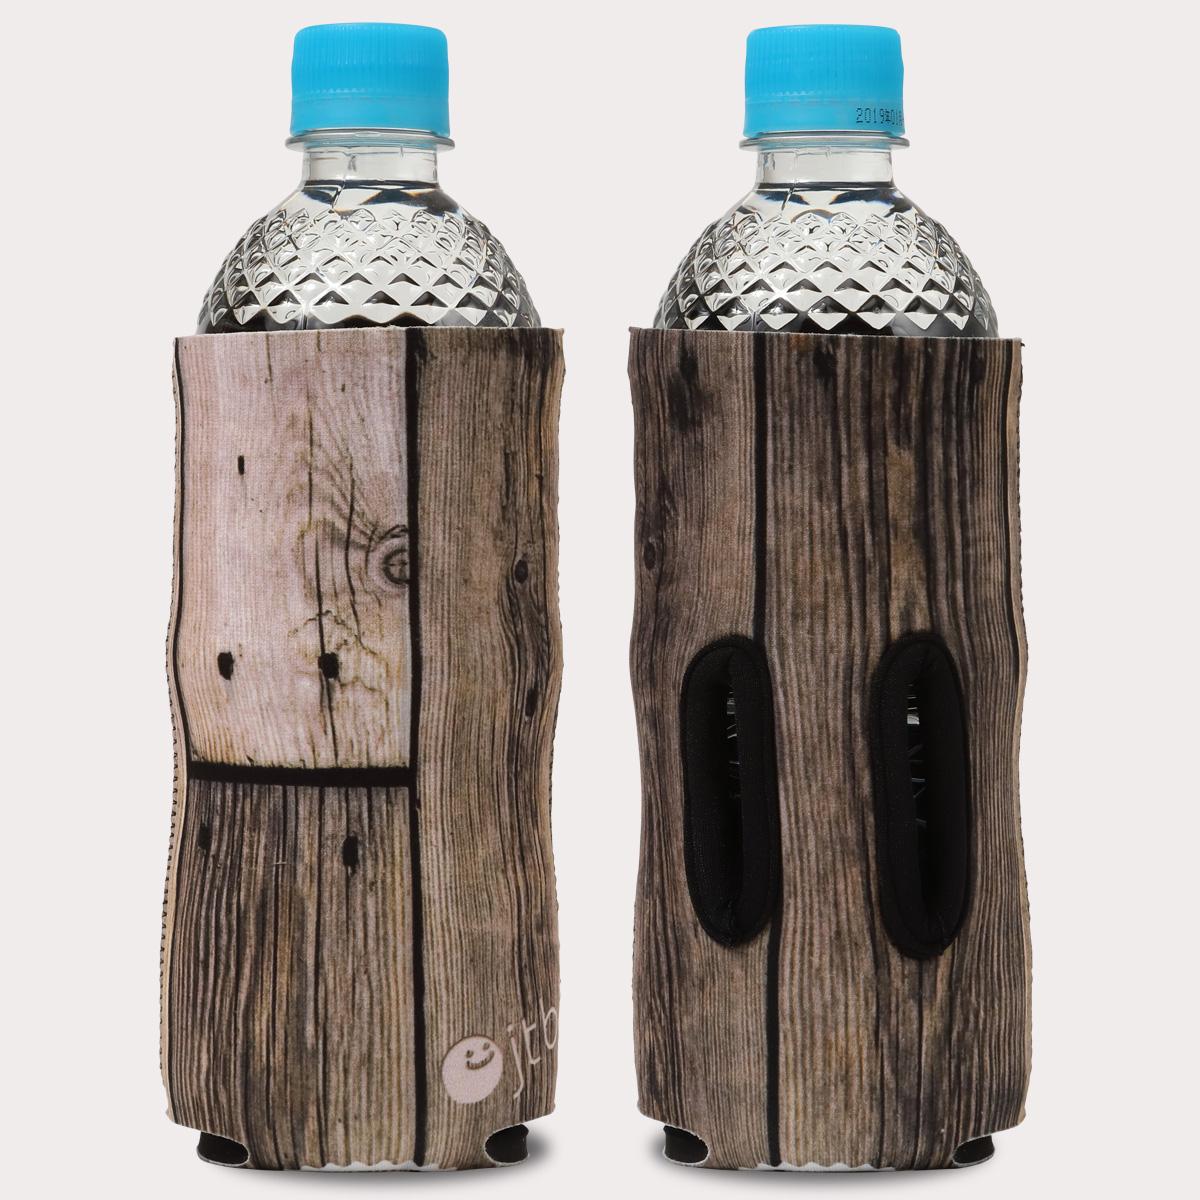 通せるクージー500 木目 ペットボトル装着例